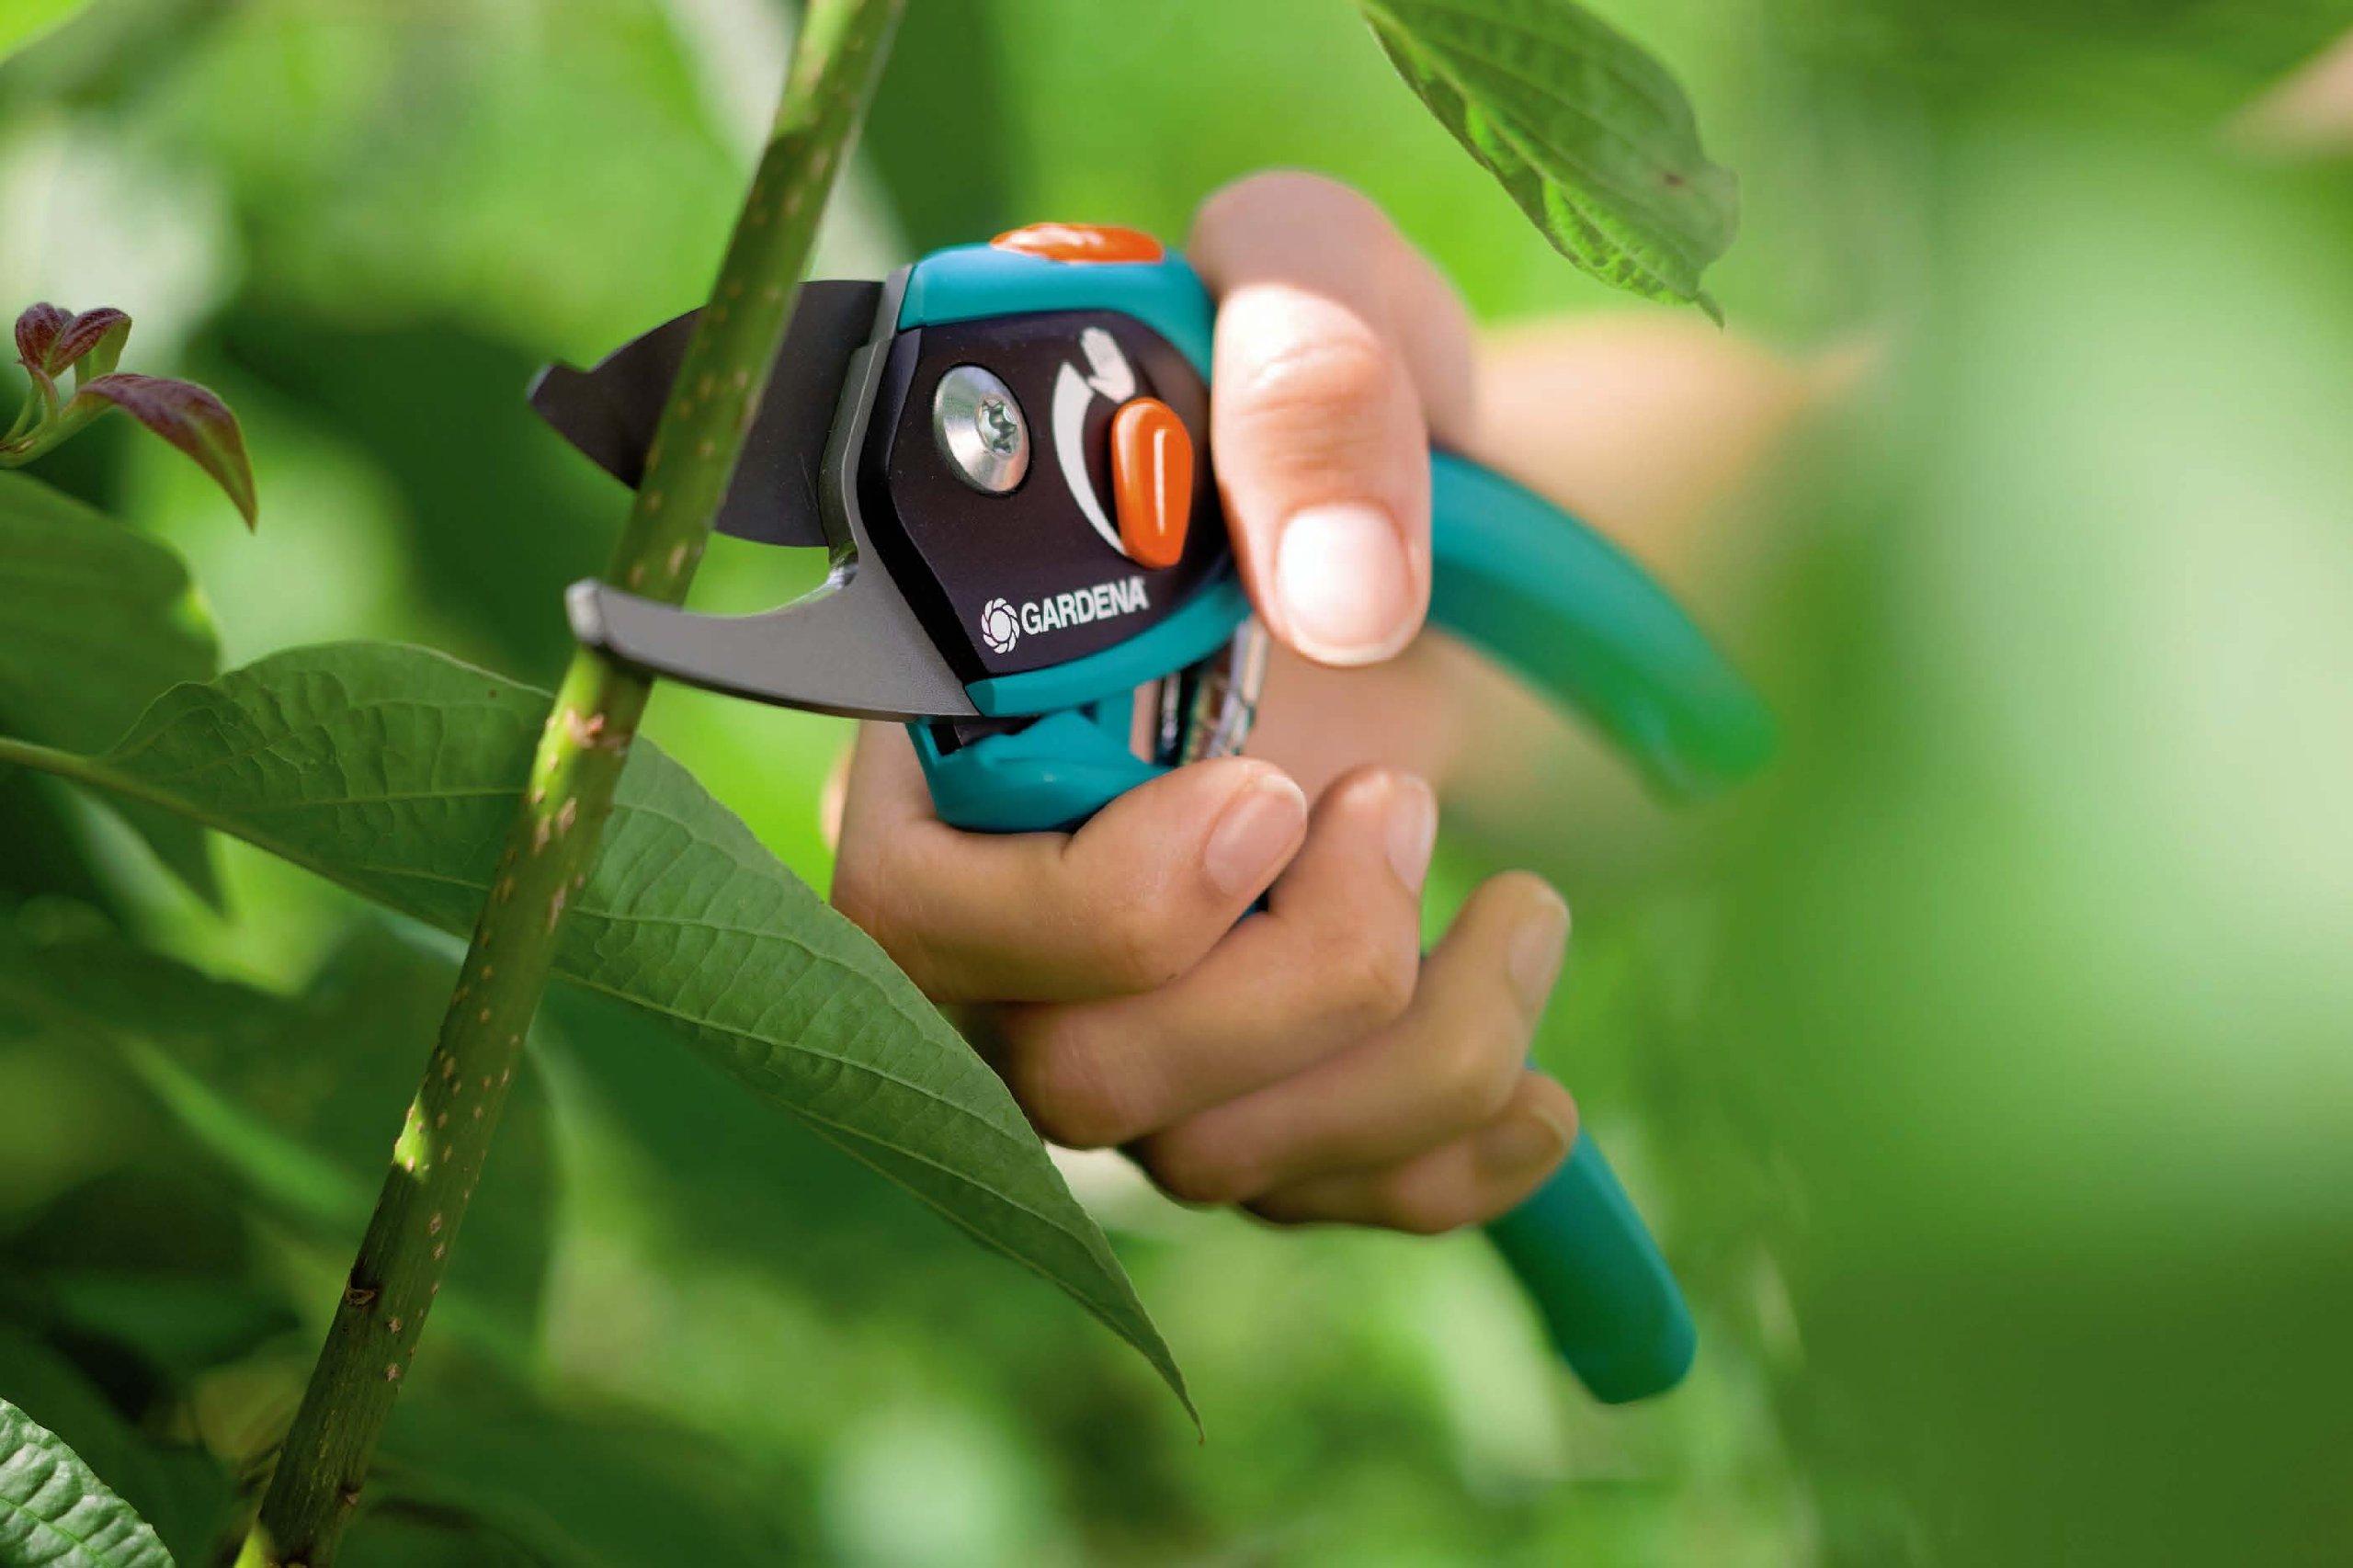 Gardena 8788 Comfort Vario Hand Pruner With 3/4-Inch Cut by Gardena (Image #2)